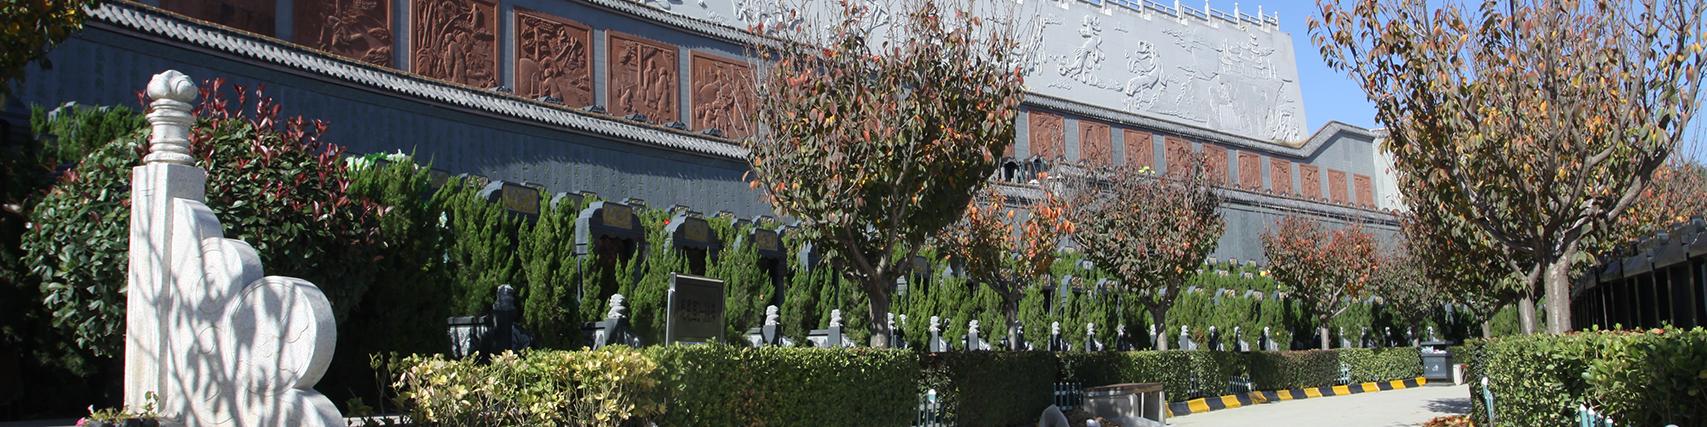 墓园有哪几种类型?